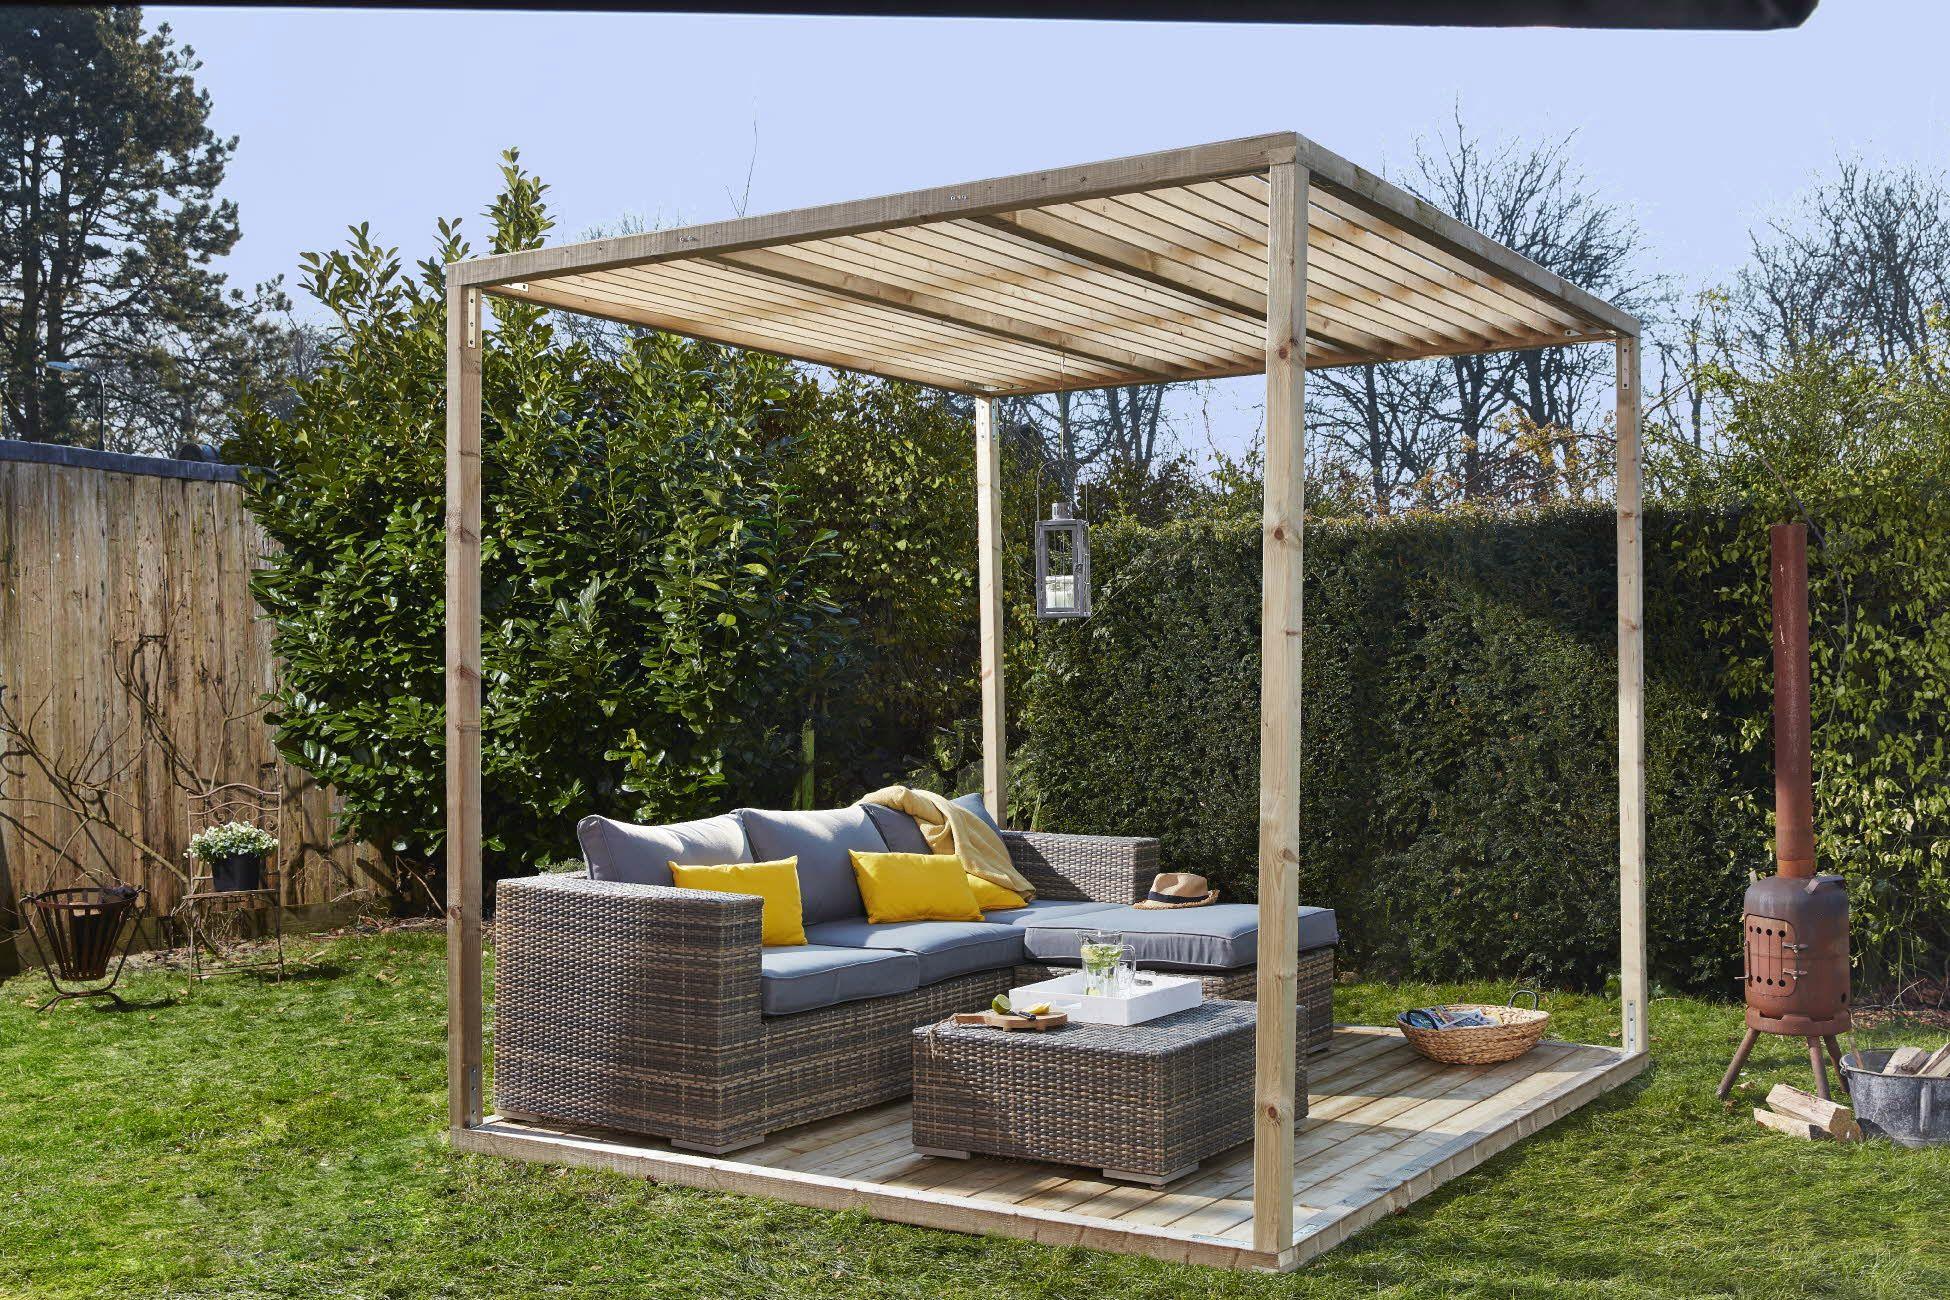 Praxis relaxen in een loungeset onder een zelfgemaakte pergola tuin inspiratie praxis - Tent tuin pergola ...